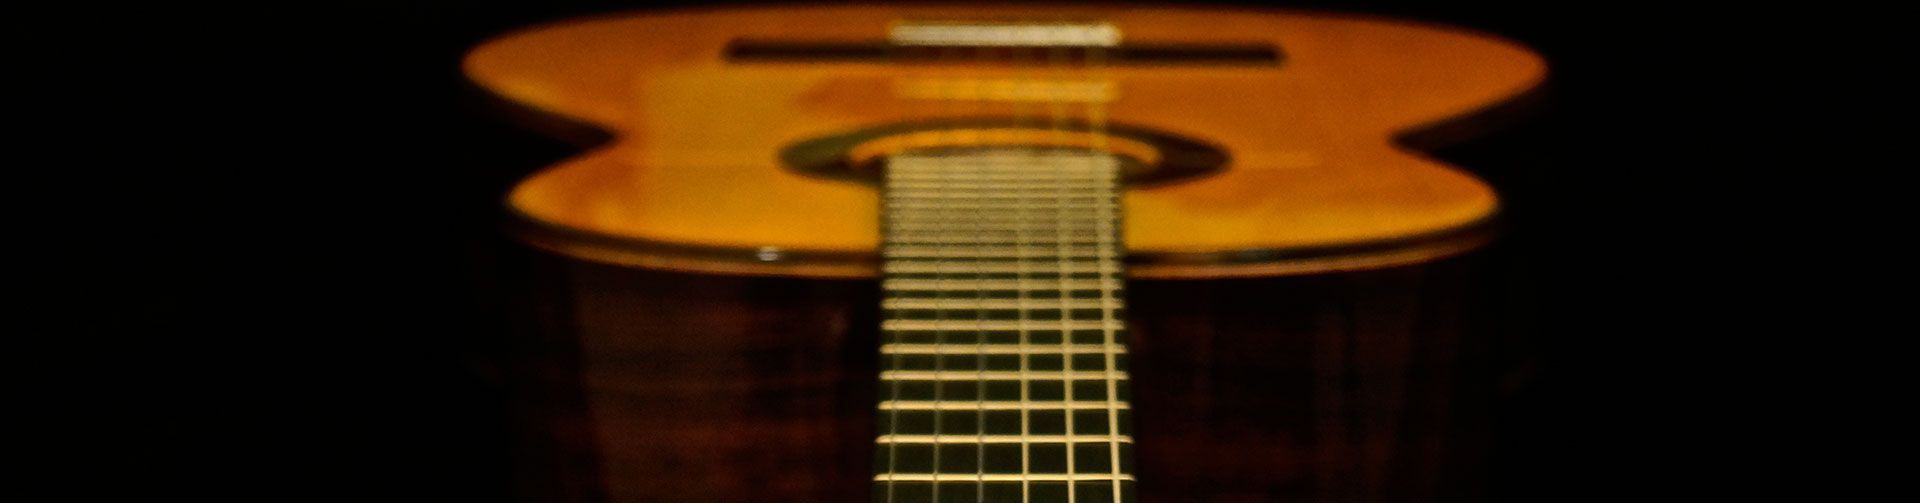 Especialistas en guitarras clásicas de concierto